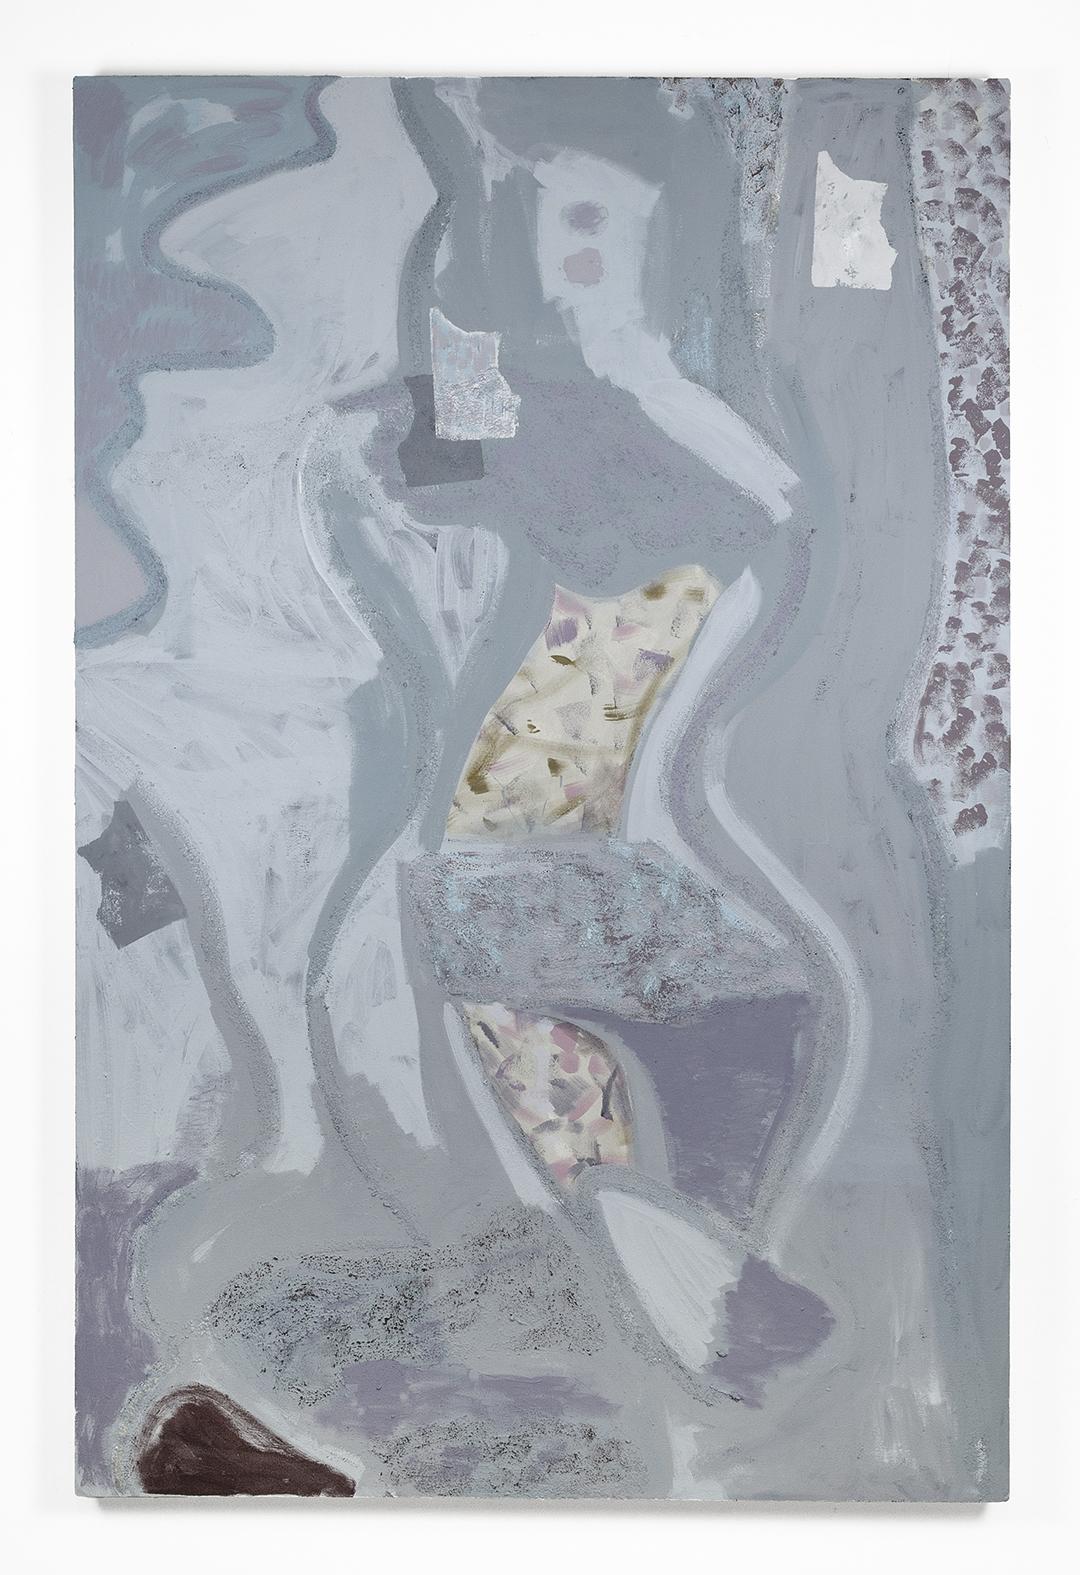 isaac02-acrylic,chalk,sand on canvas, 2014, 48x72inces.jpg